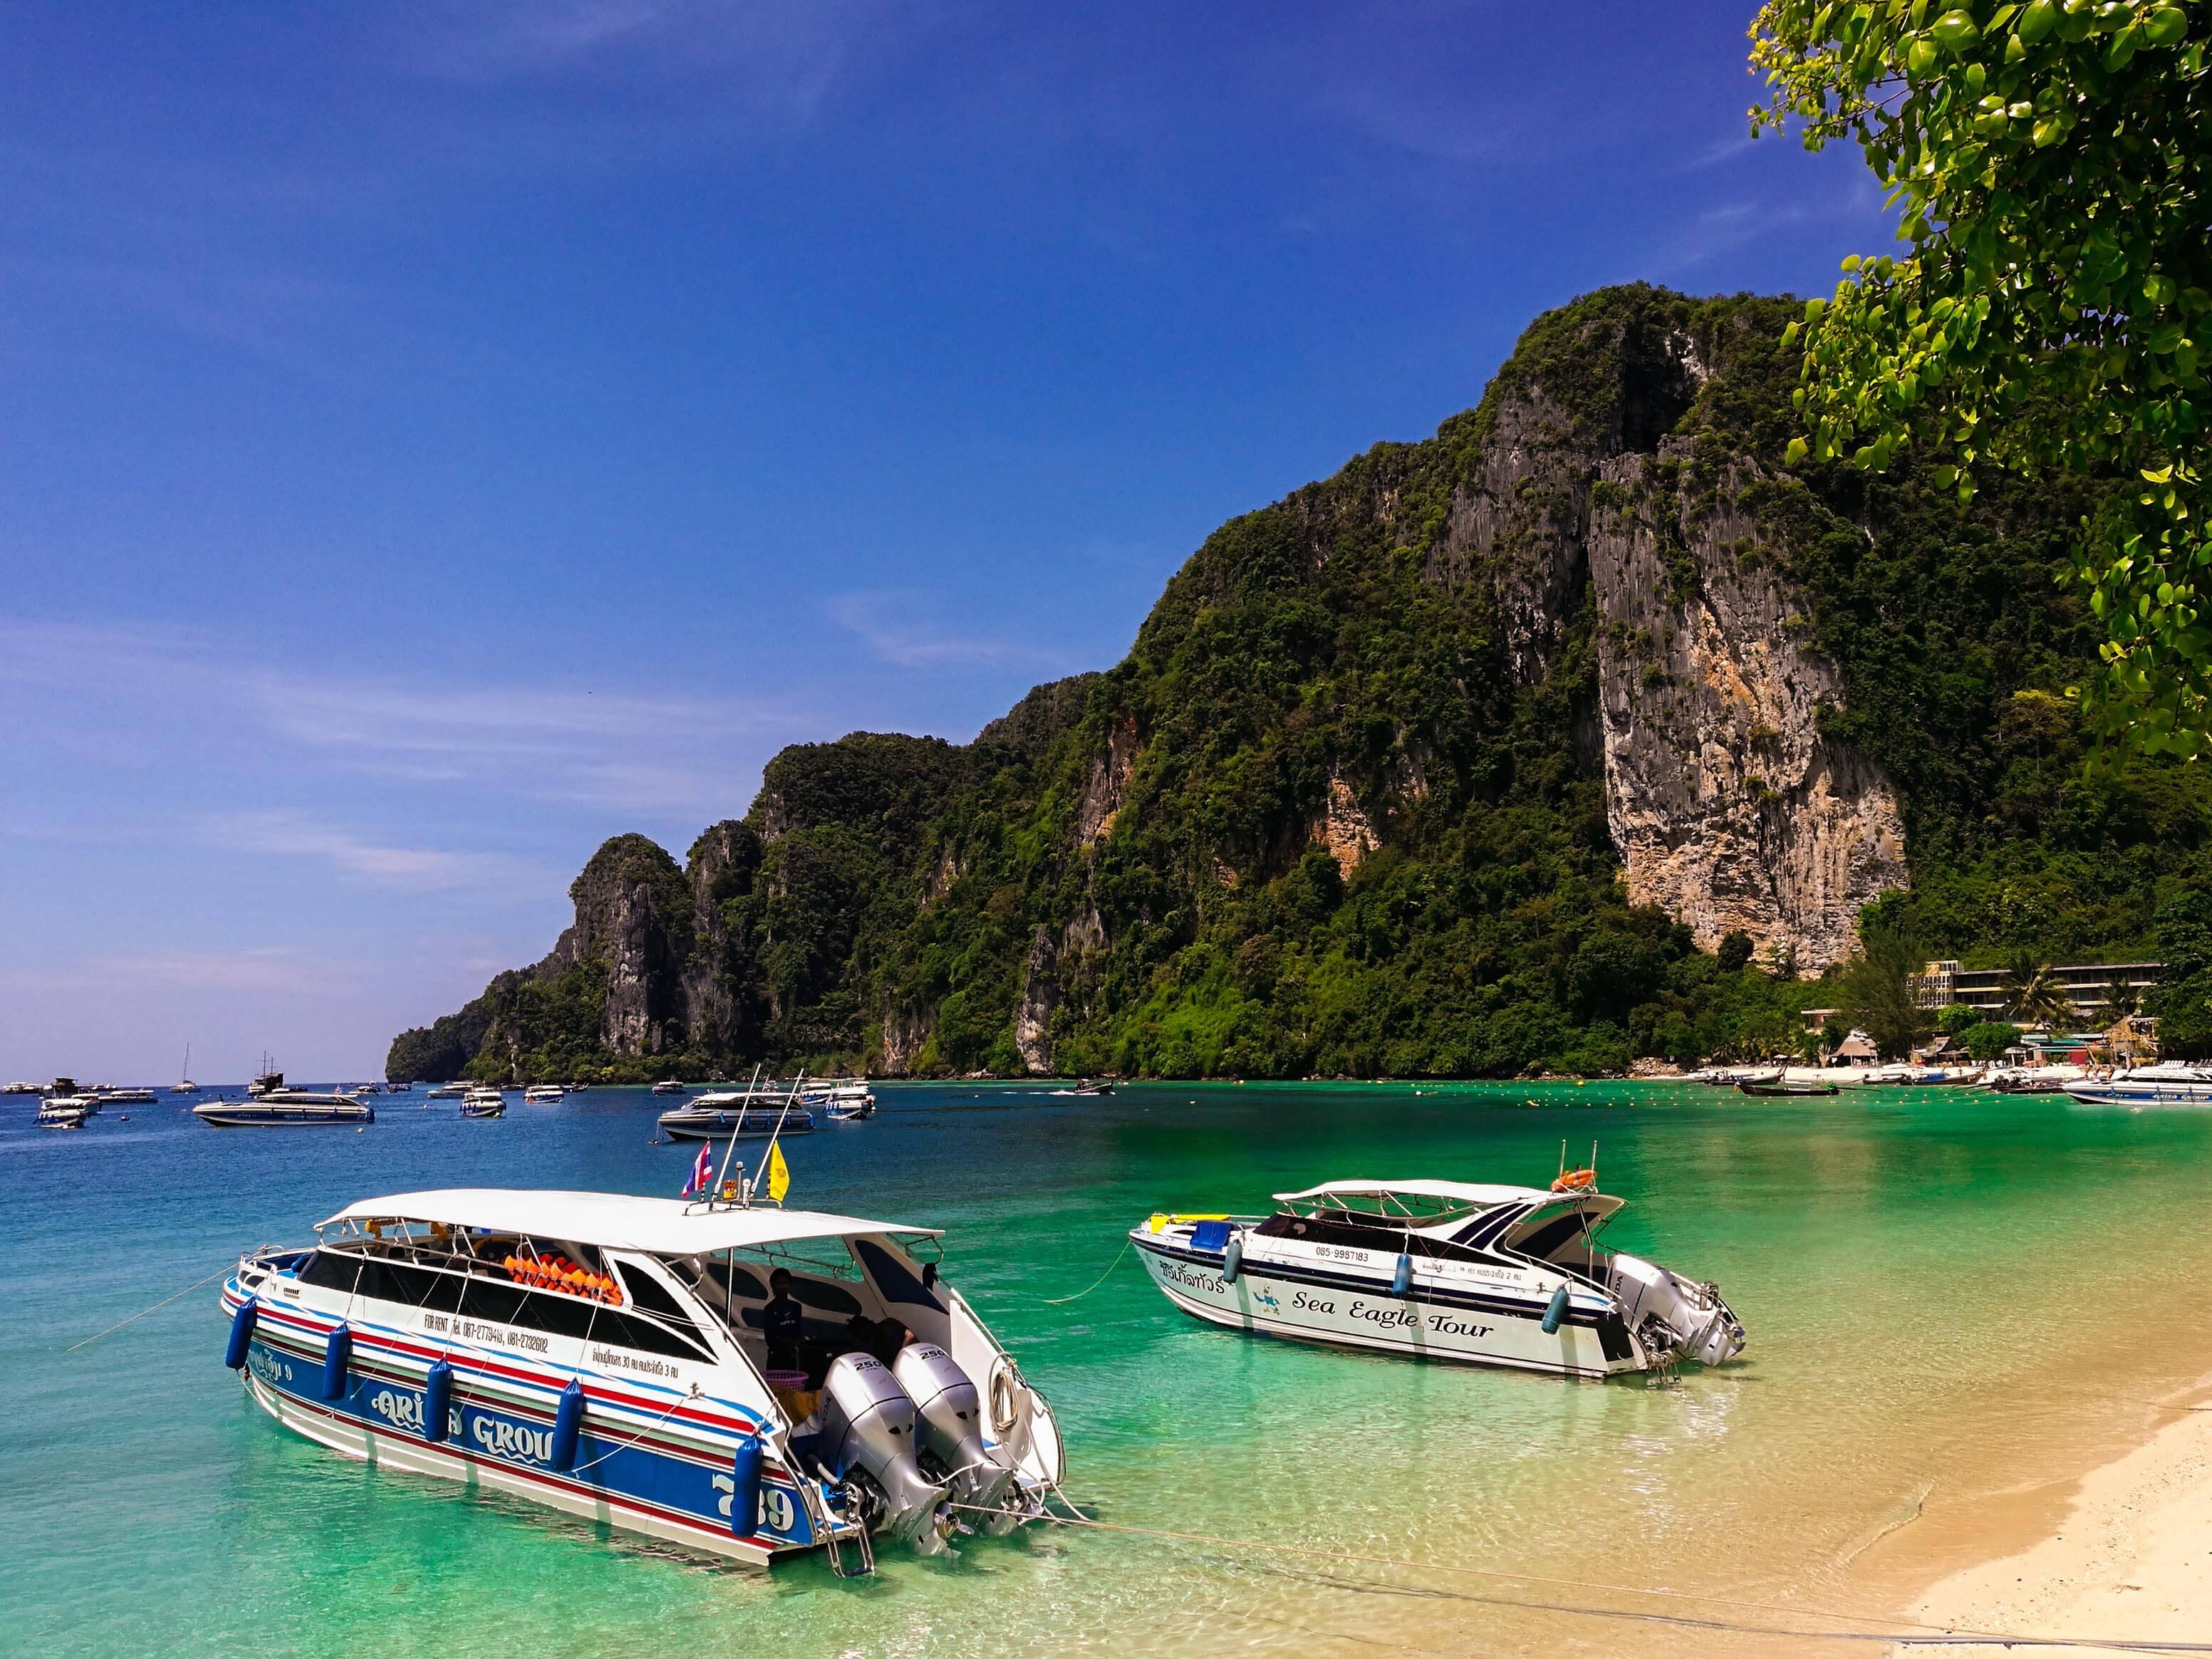 Passeio de barco em Phi Phi Islands